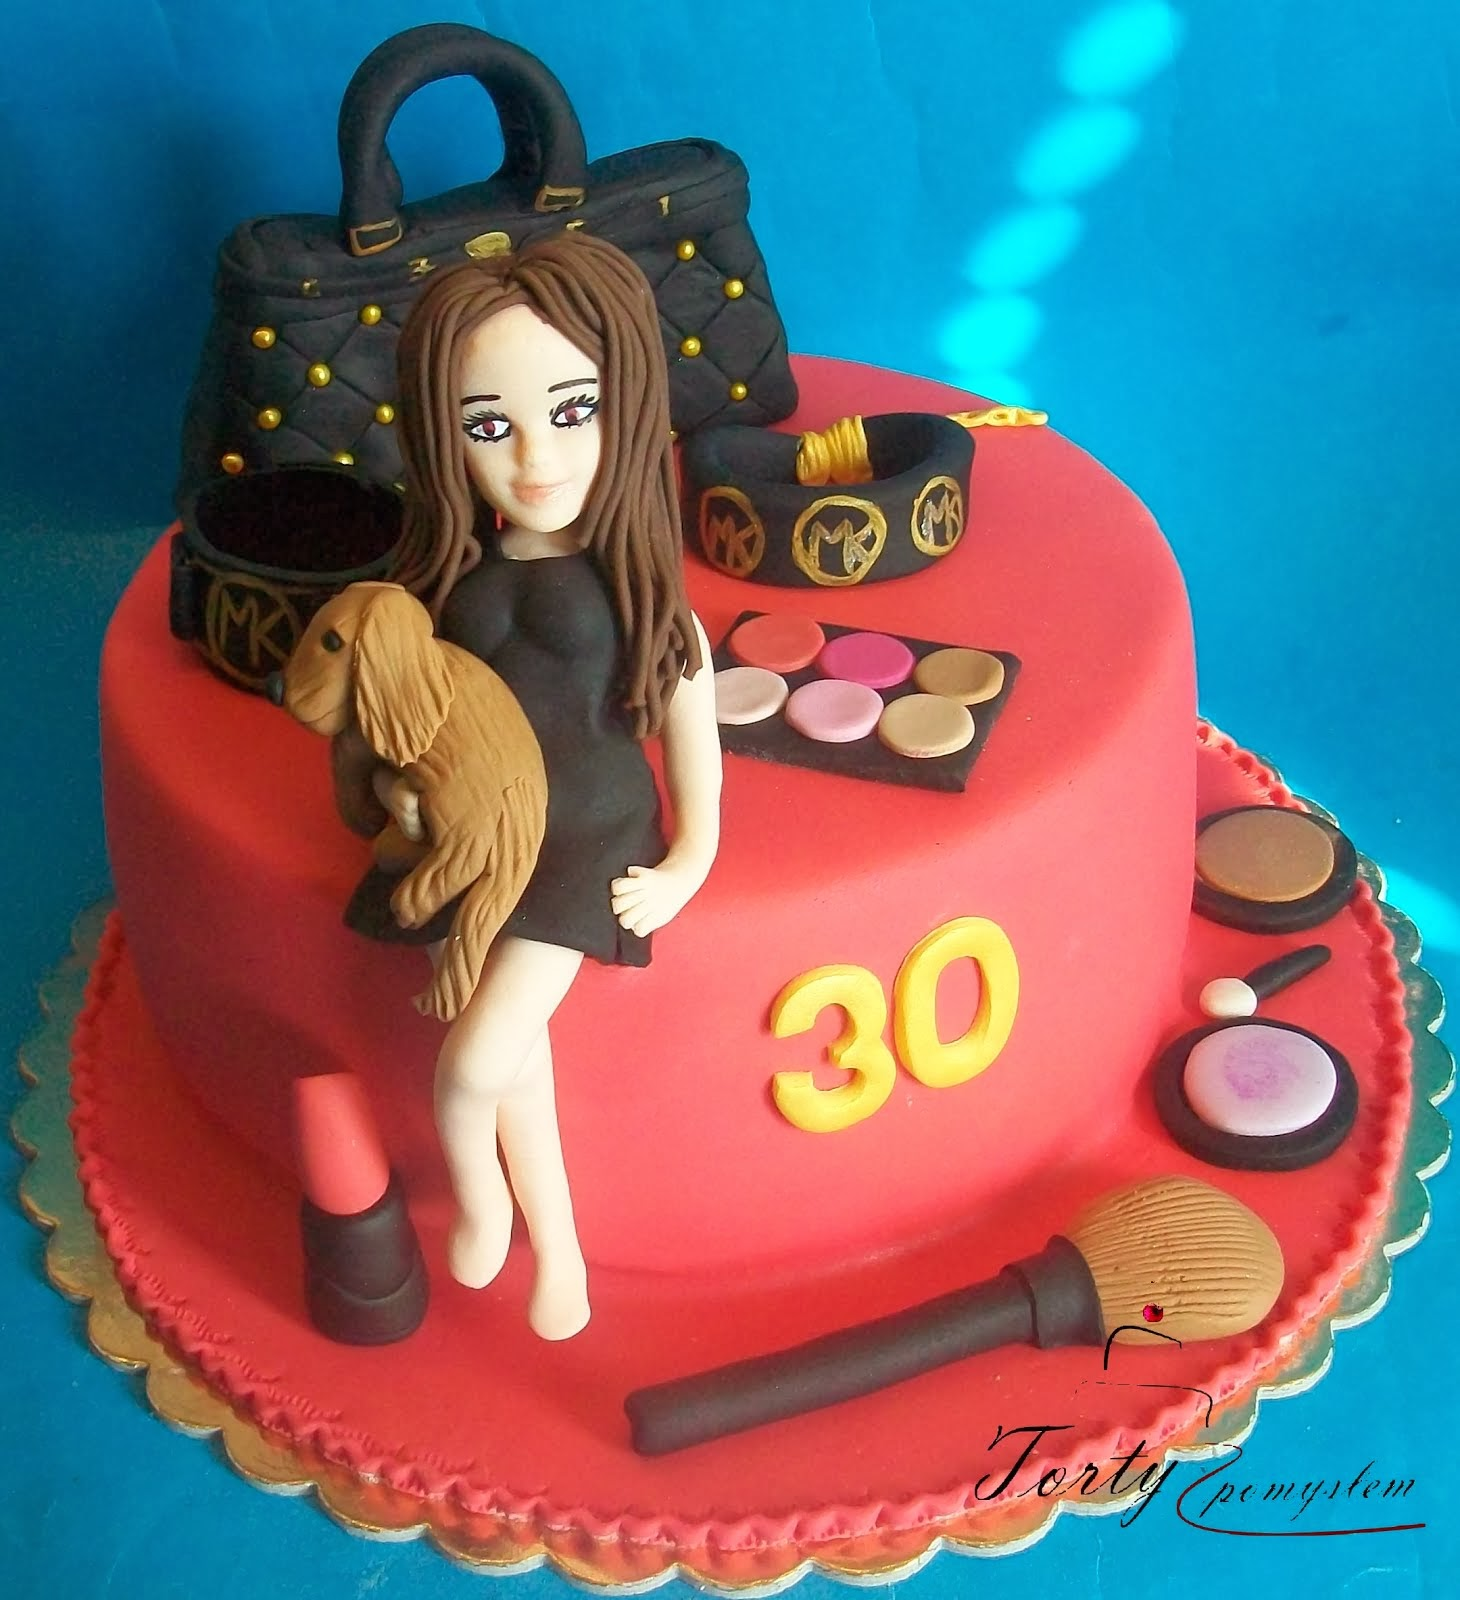 tort urodzinowy dla dziewczyny